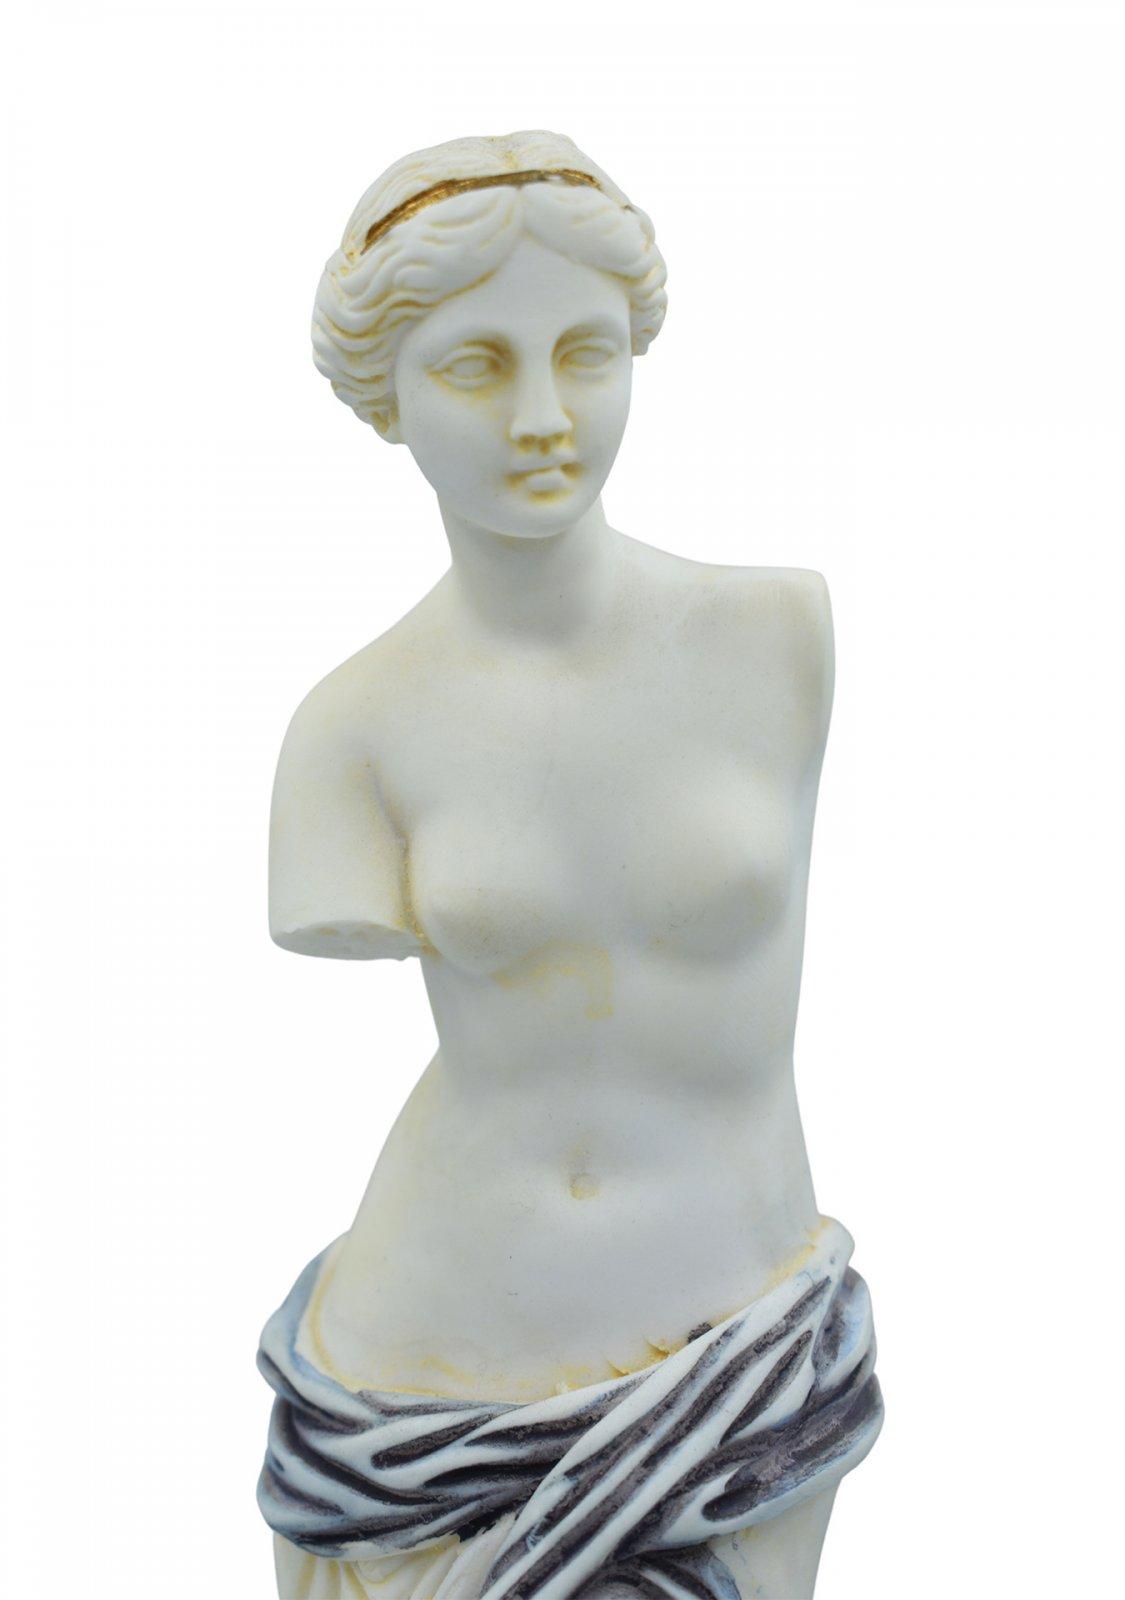 Aphrodite of Milos (Venus de Milo) greek alabaster statue with purple color and golden details